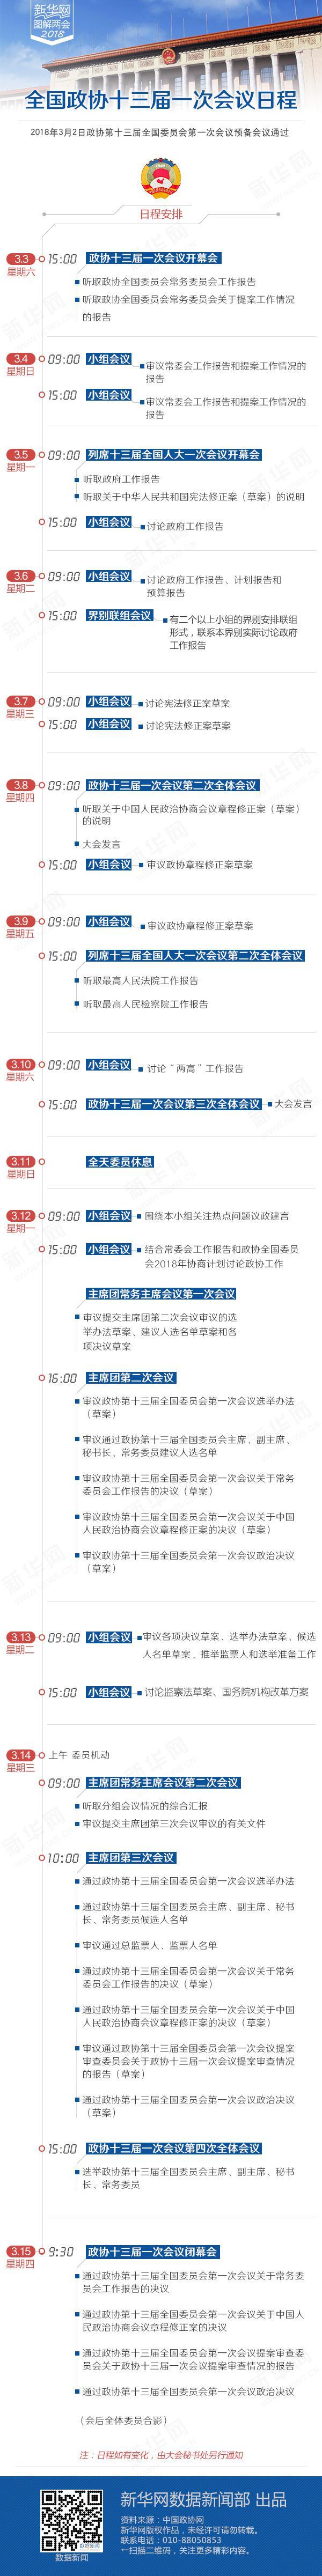 全国政协十三届一次会议日程发布 委员可休息1天半